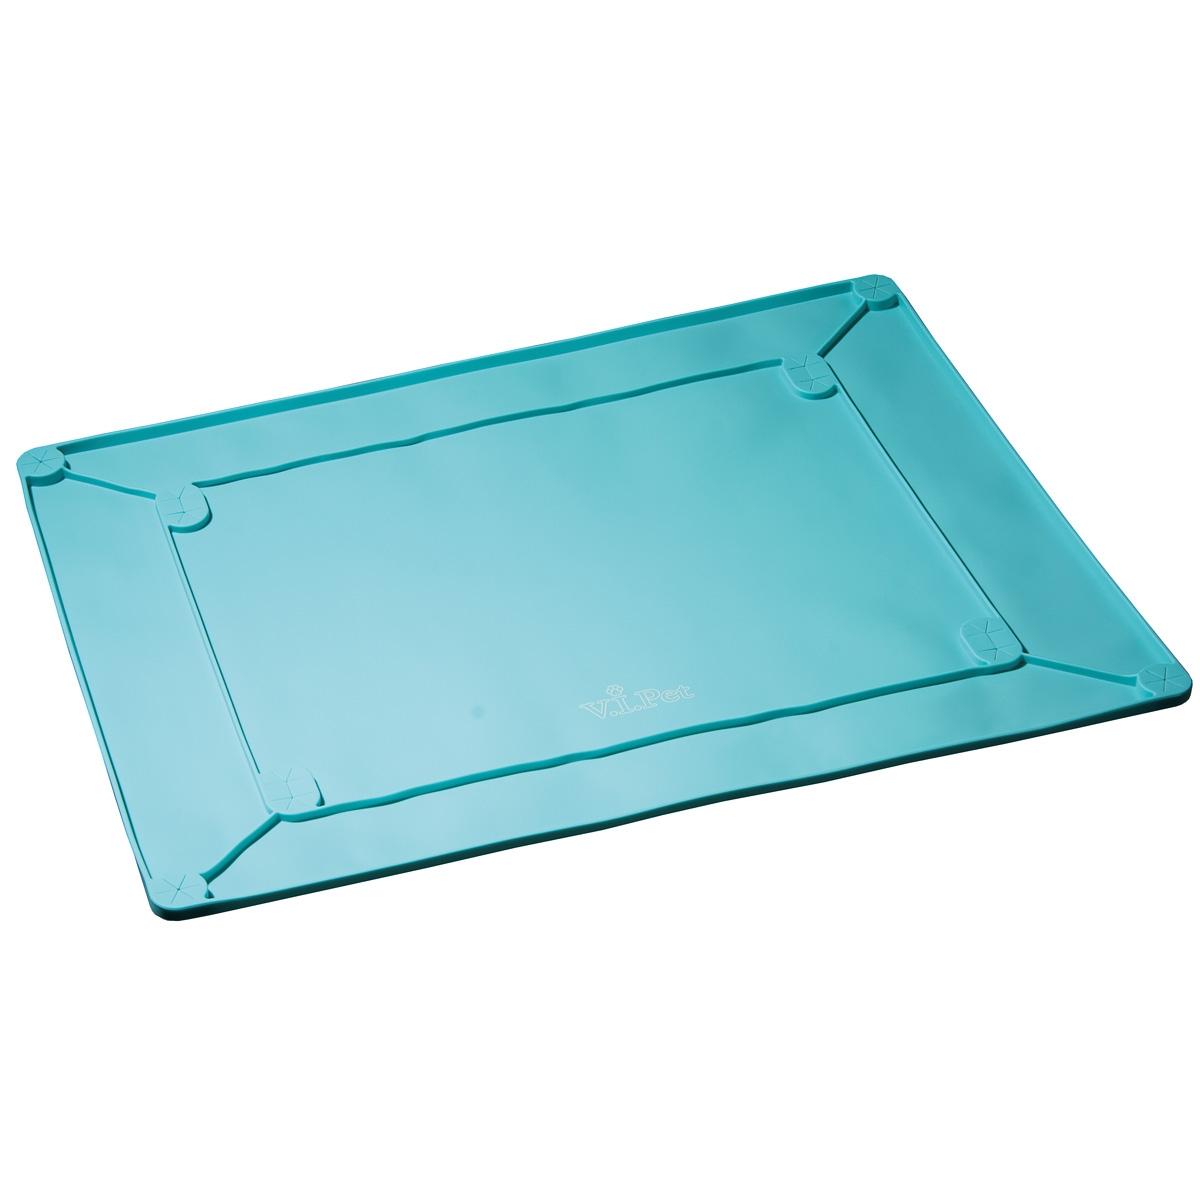 """Туалет-коврик с бортиками """"V.I.Pet"""", силиконовый, под пеленку, цвет: бирюзовый, 60 х 45 см"""